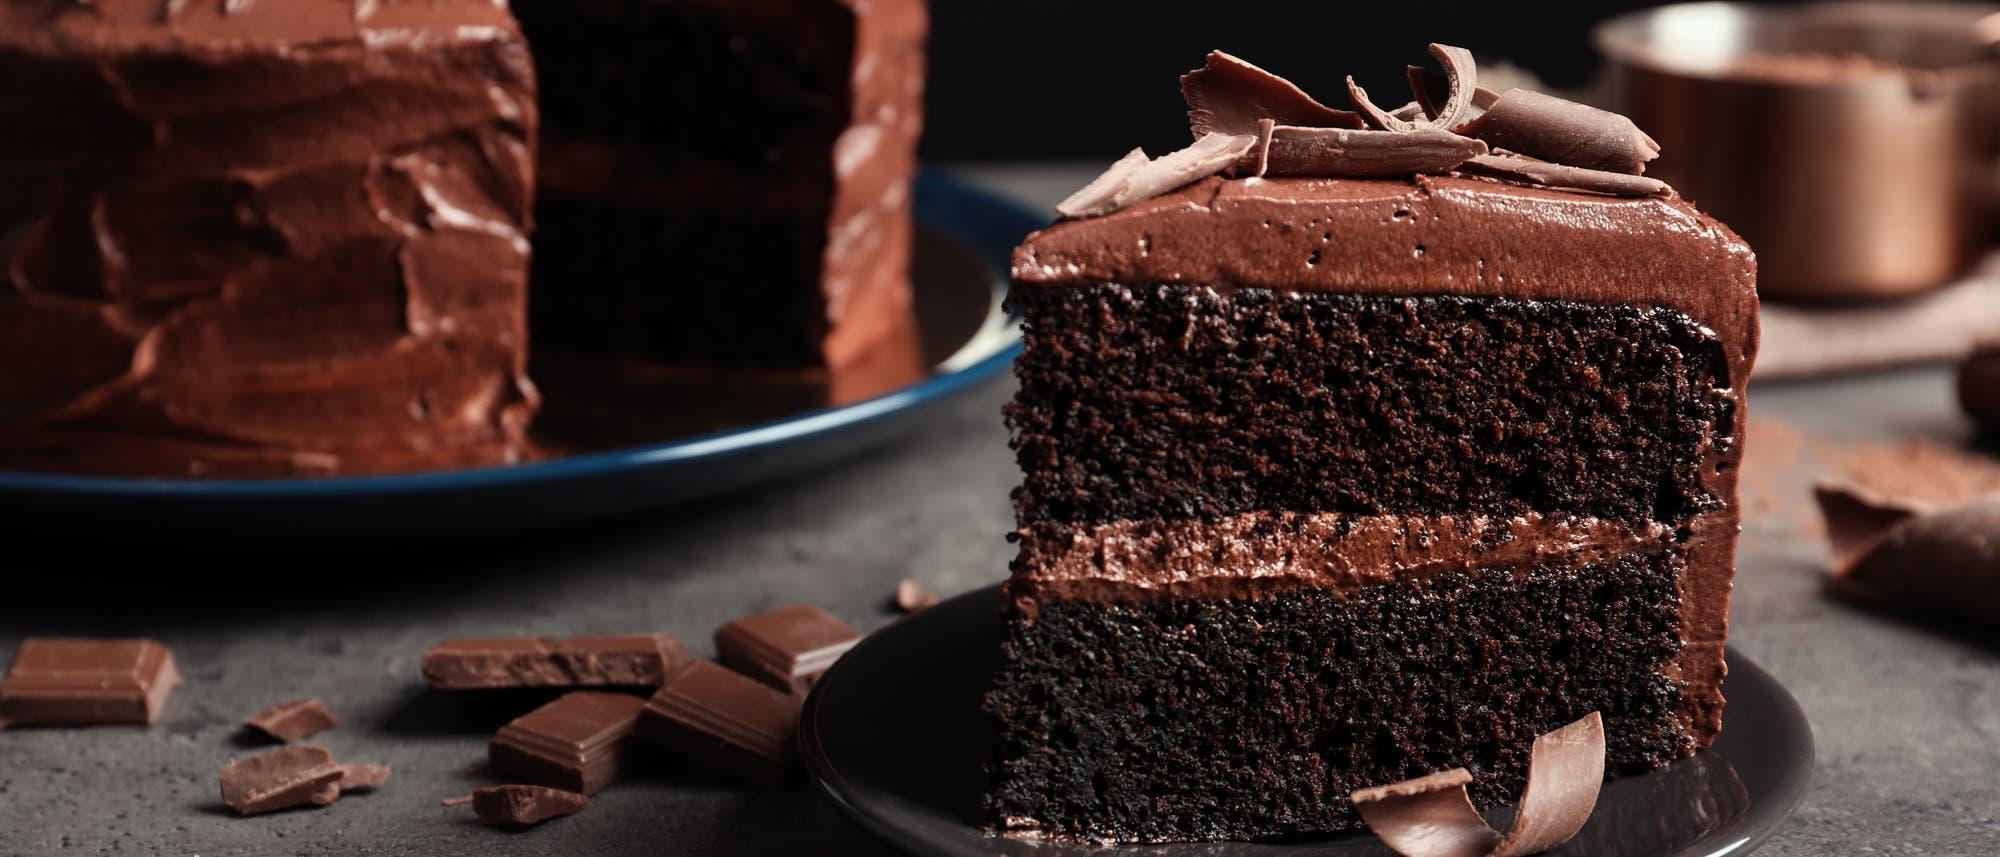 Ein Stuck Schokoladenkuchen auf einem Teller.